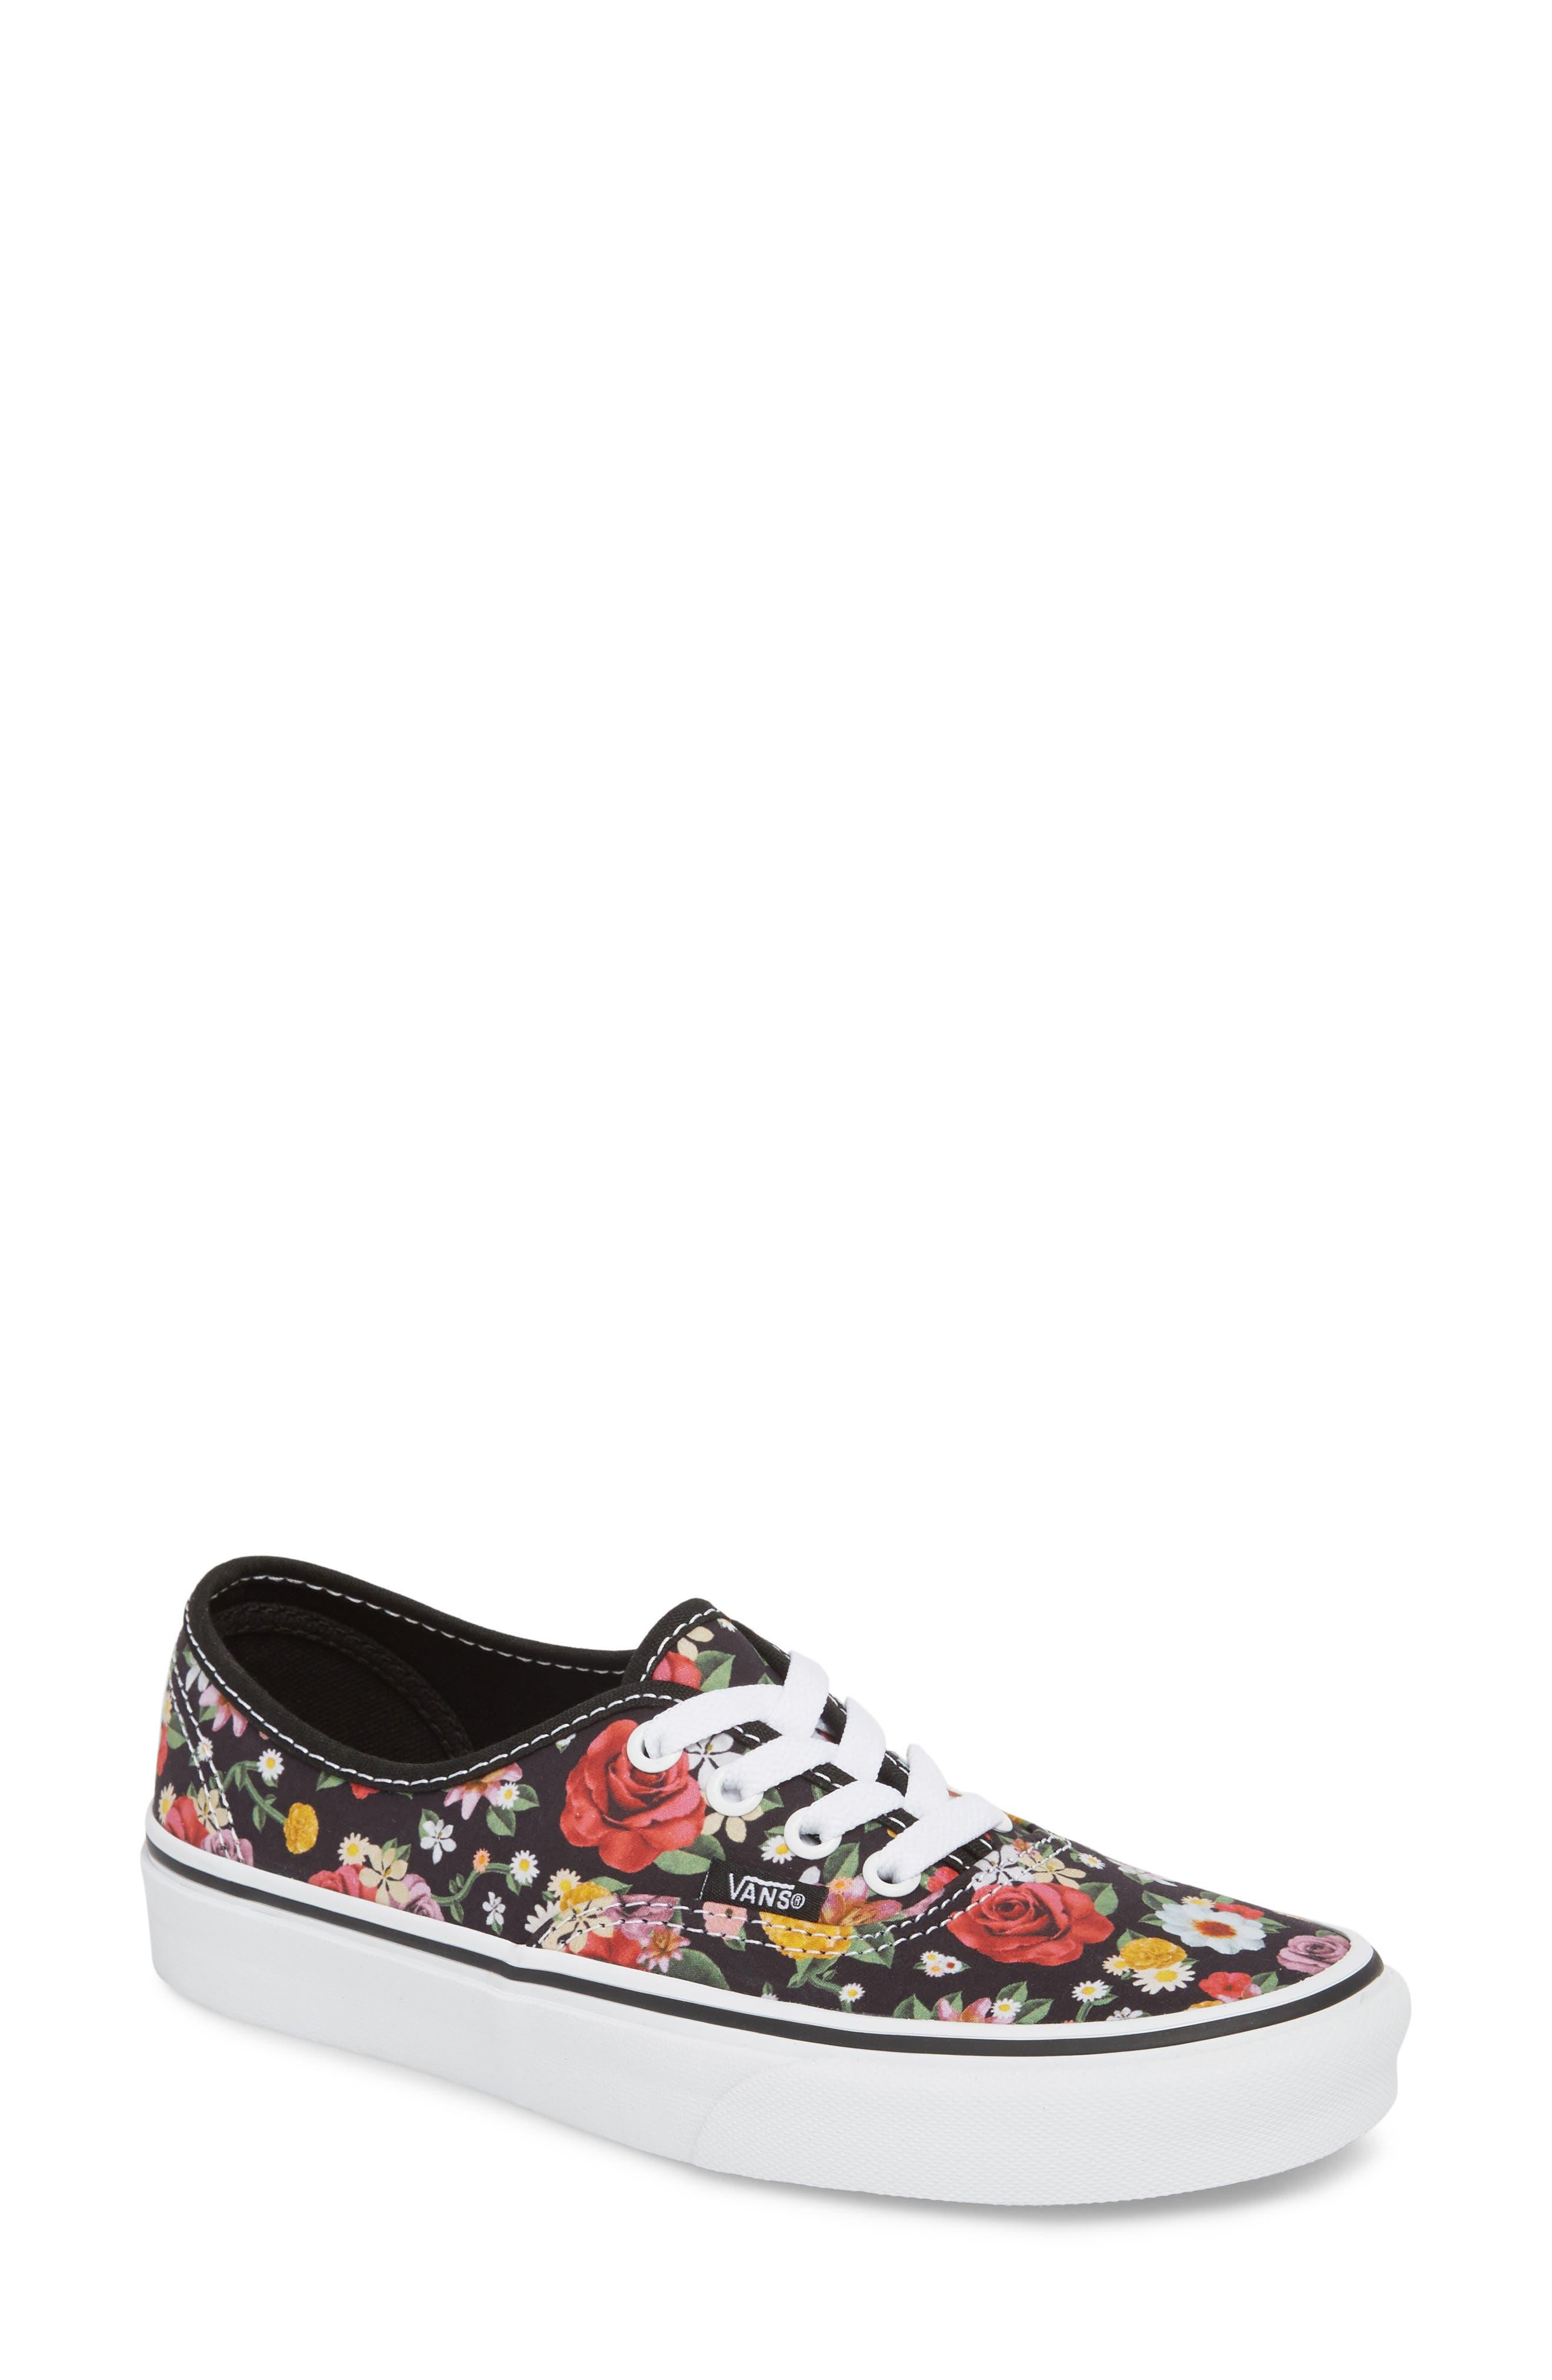 UA Authentic Lux Floral Sneaker,                             Main thumbnail 1, color,                             DIGI FLORAL/ BLACK